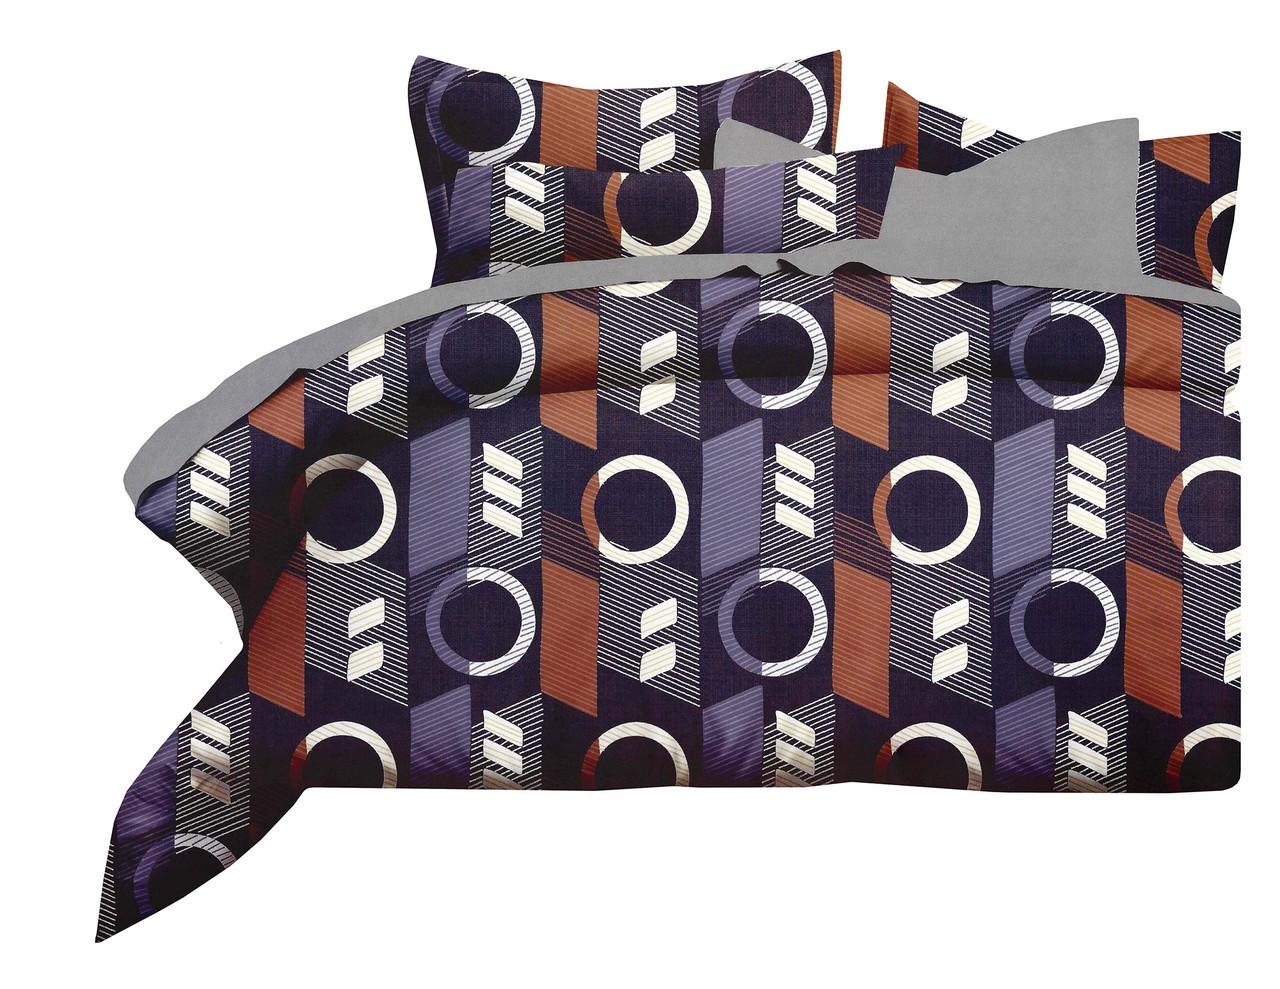 Комплект постельного белья Микроволокно HXDD-774 M&M 4044 Коричневый, Фиолетовый